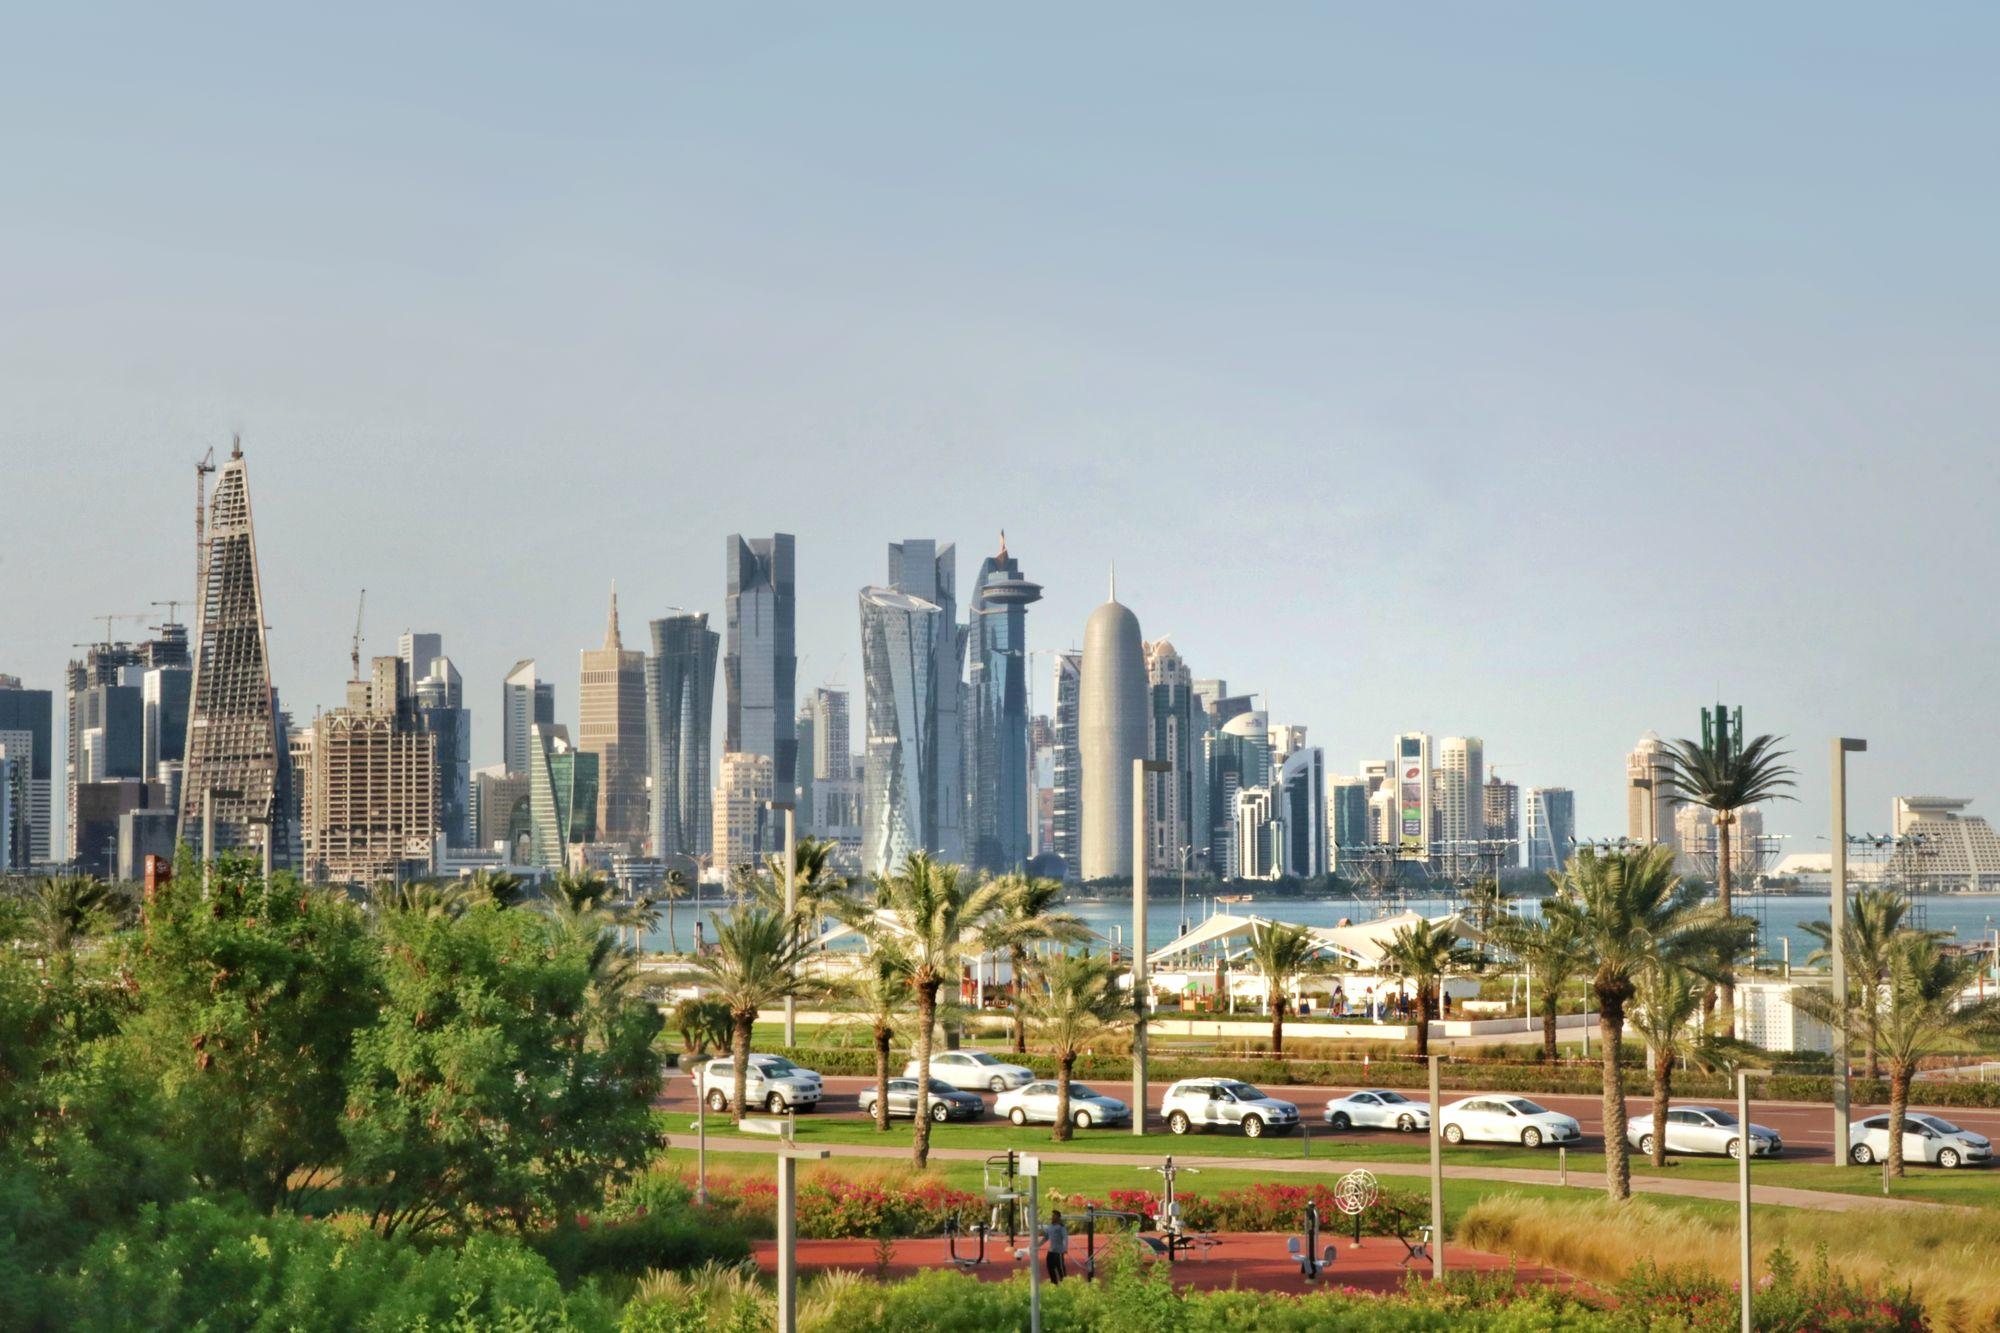 Le Parc Al Bidda